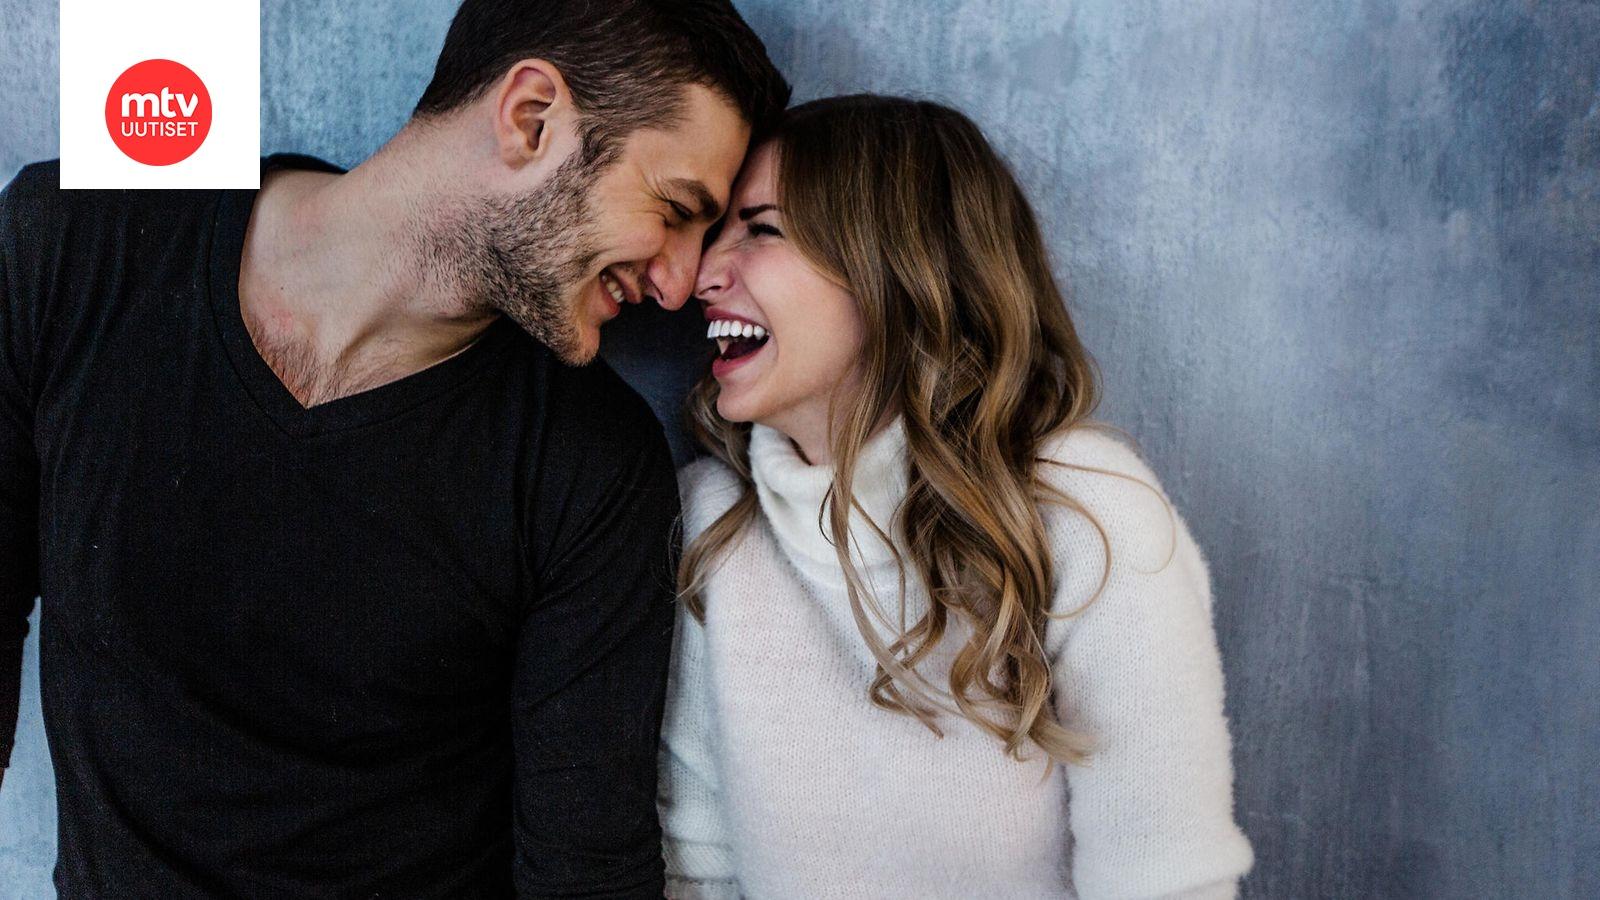 puckermob dating outo henkilö